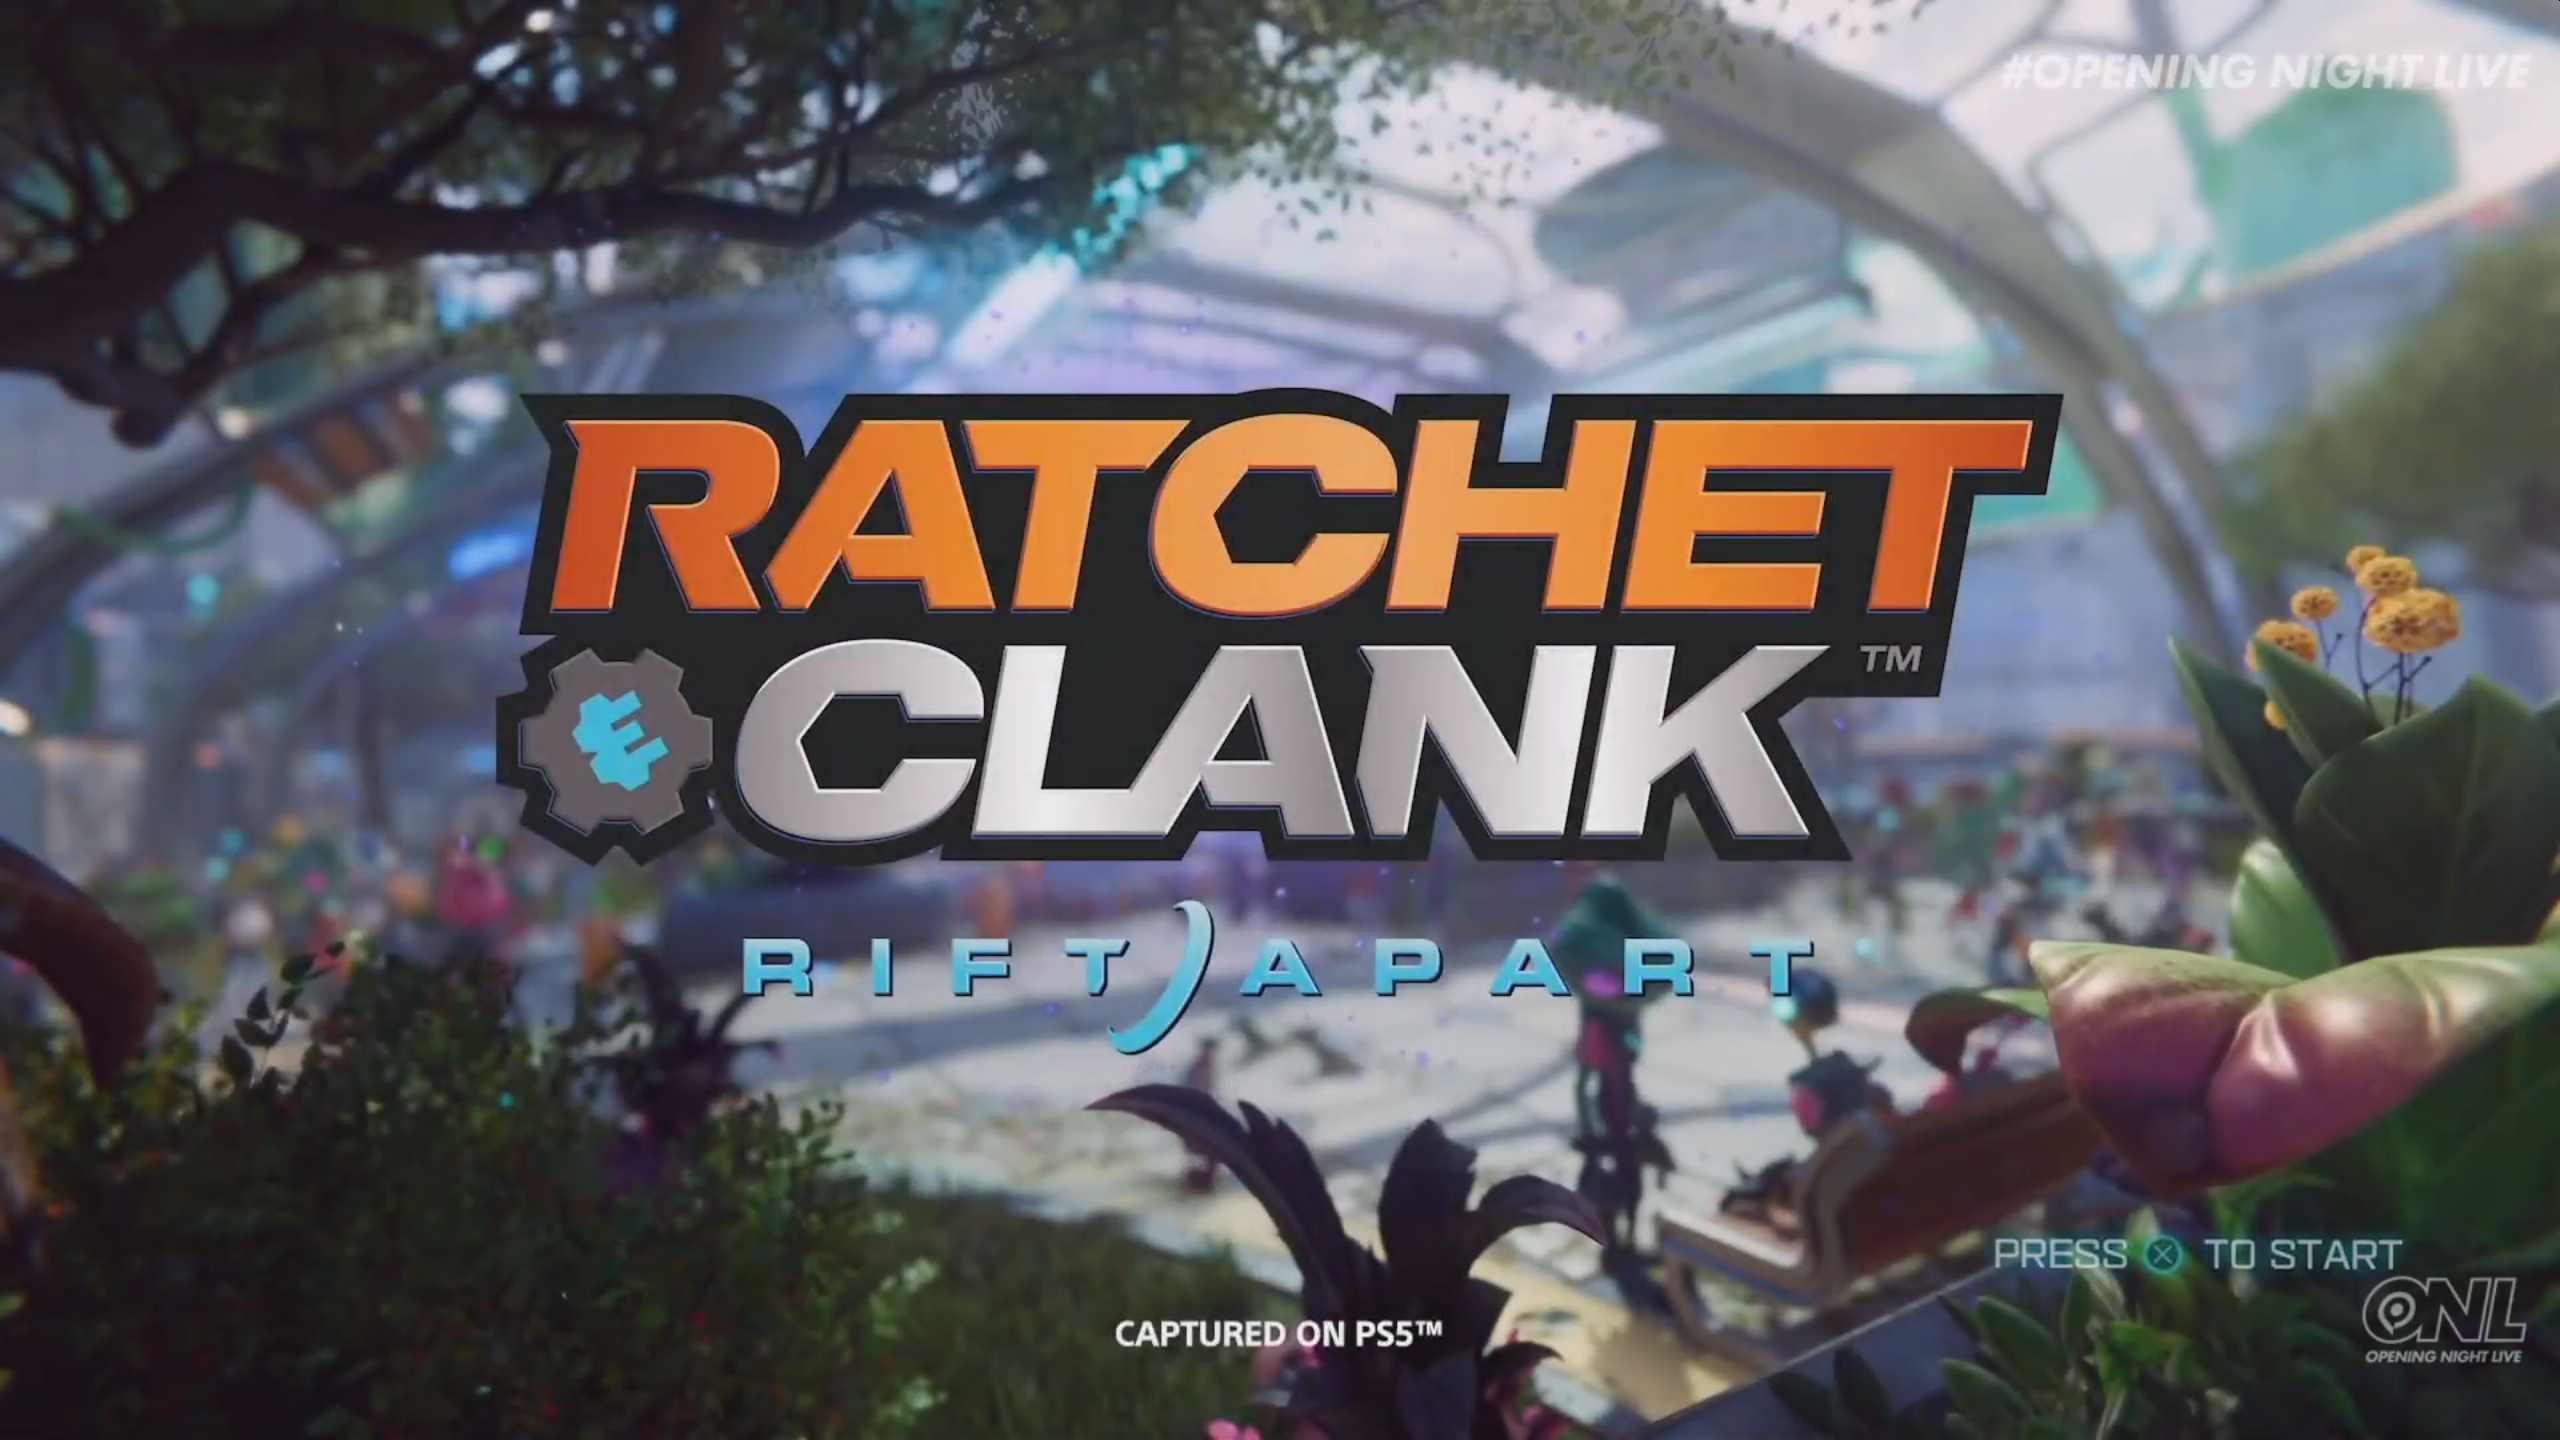 攻略 game & クランク ラチェット the